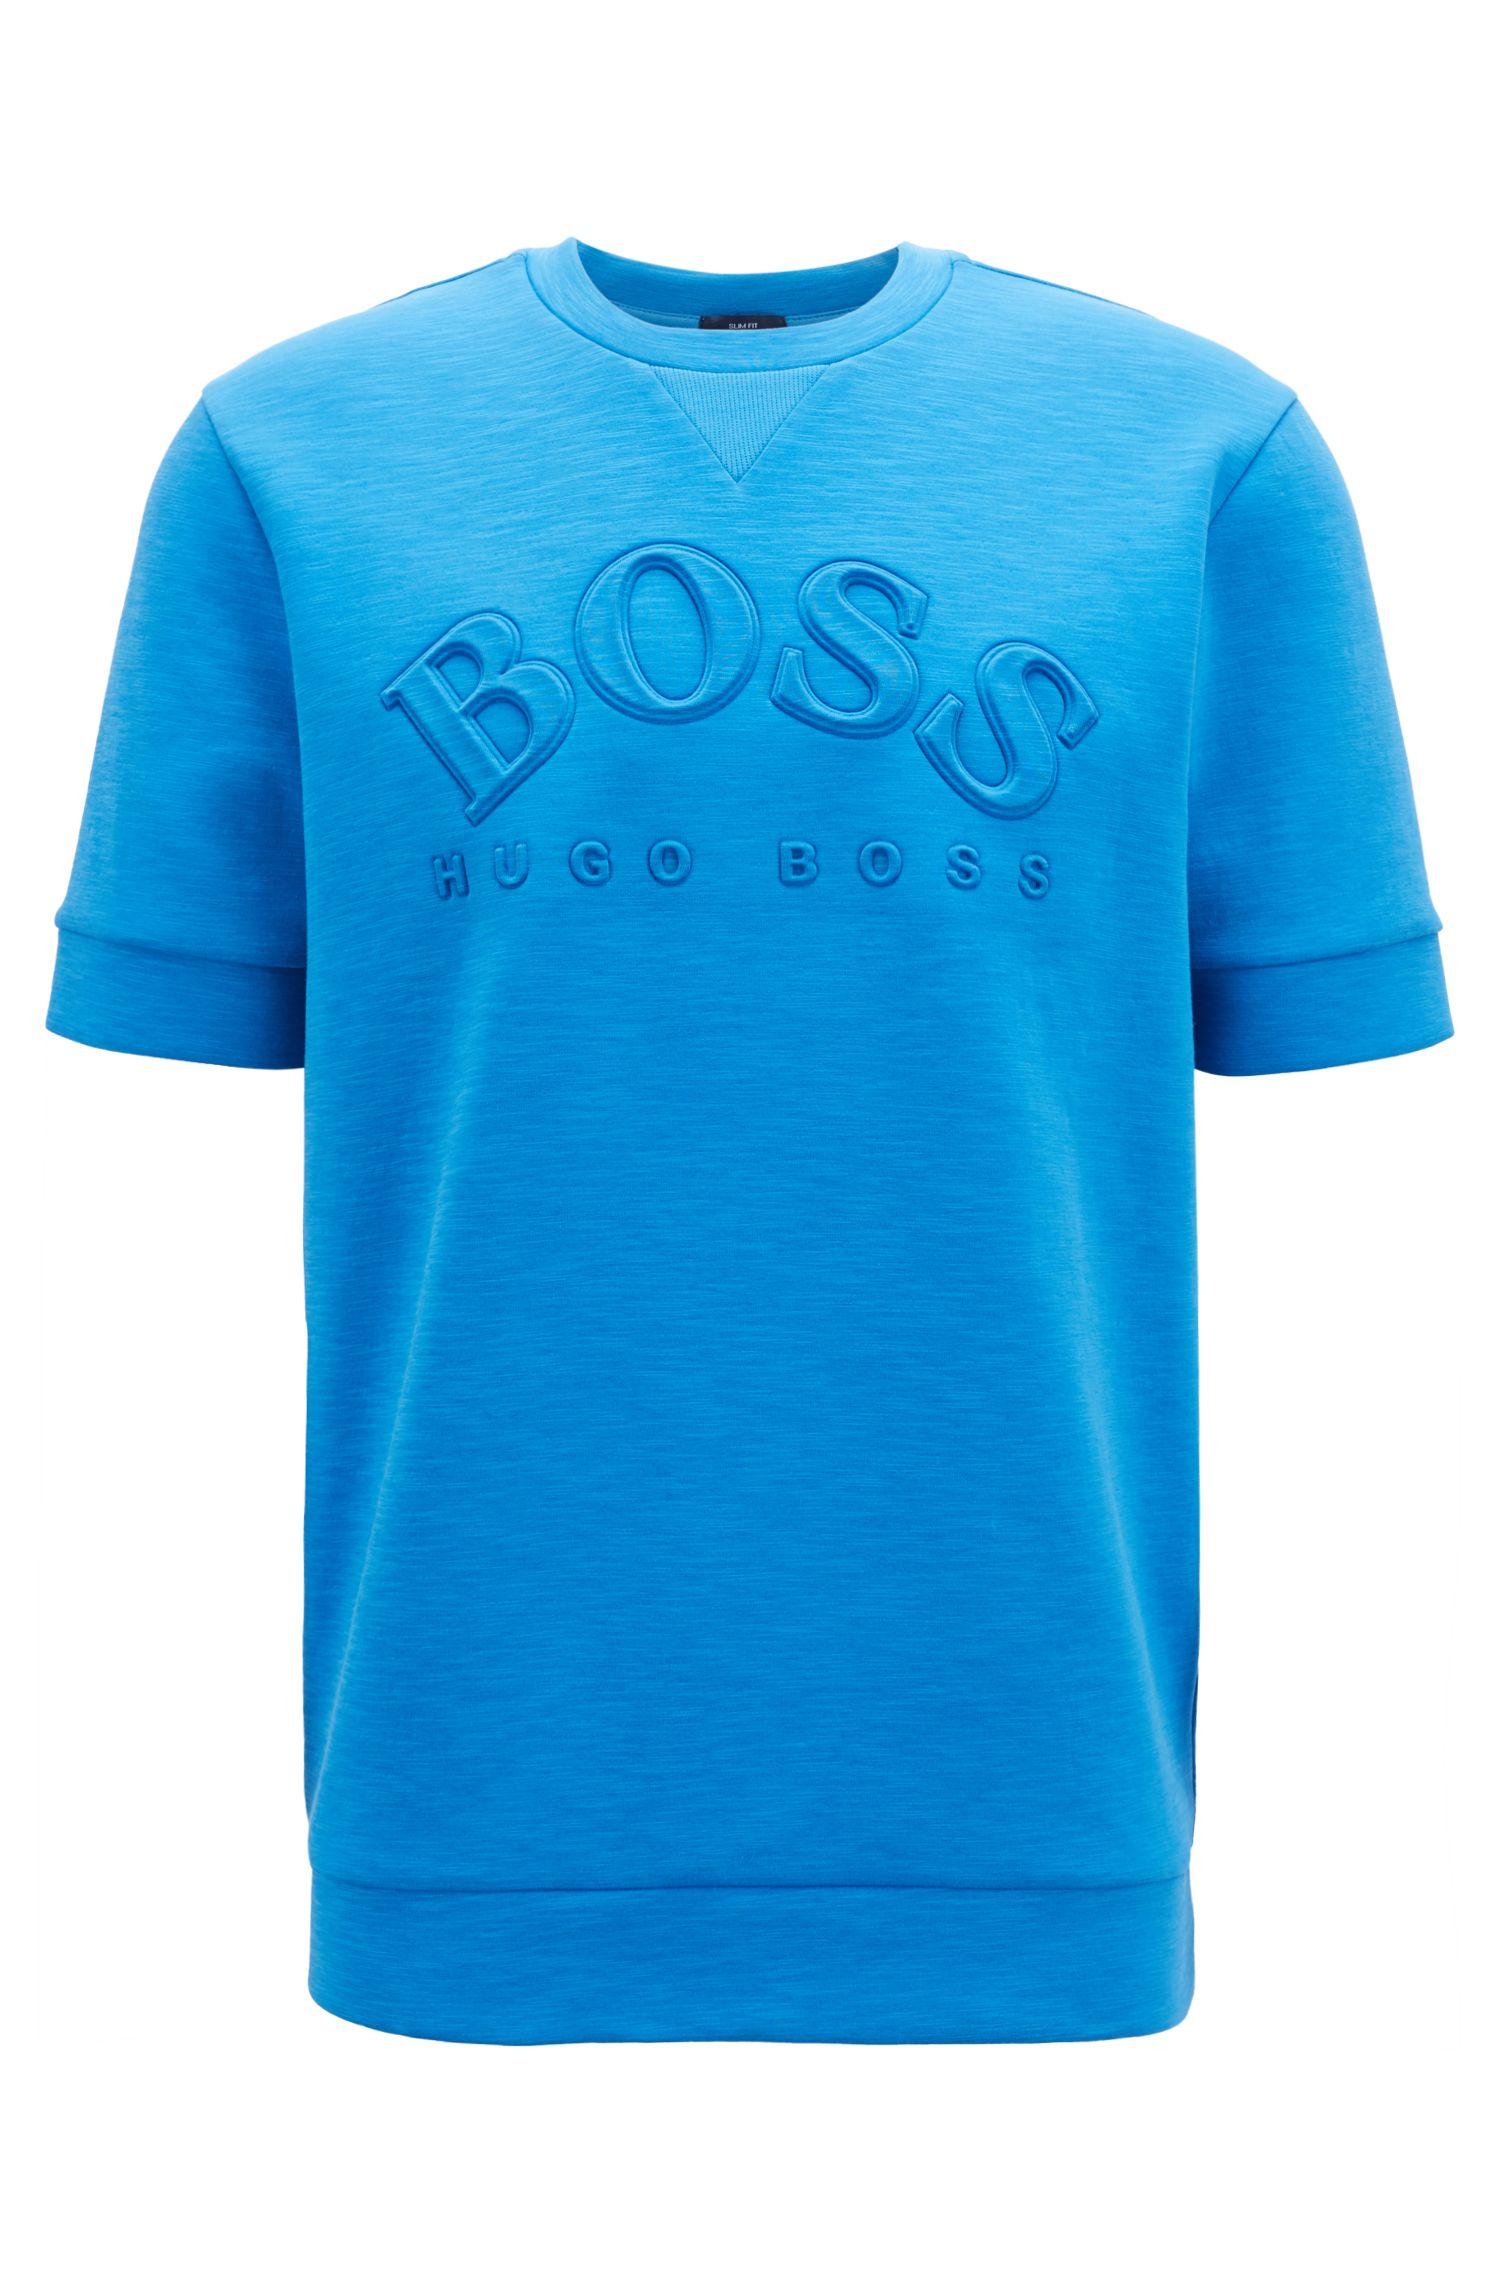 Hugo Boss - Sweatshirt aus Baumwoll-Mix mit kurzen Ärmeln und Logo-Prägung - 1